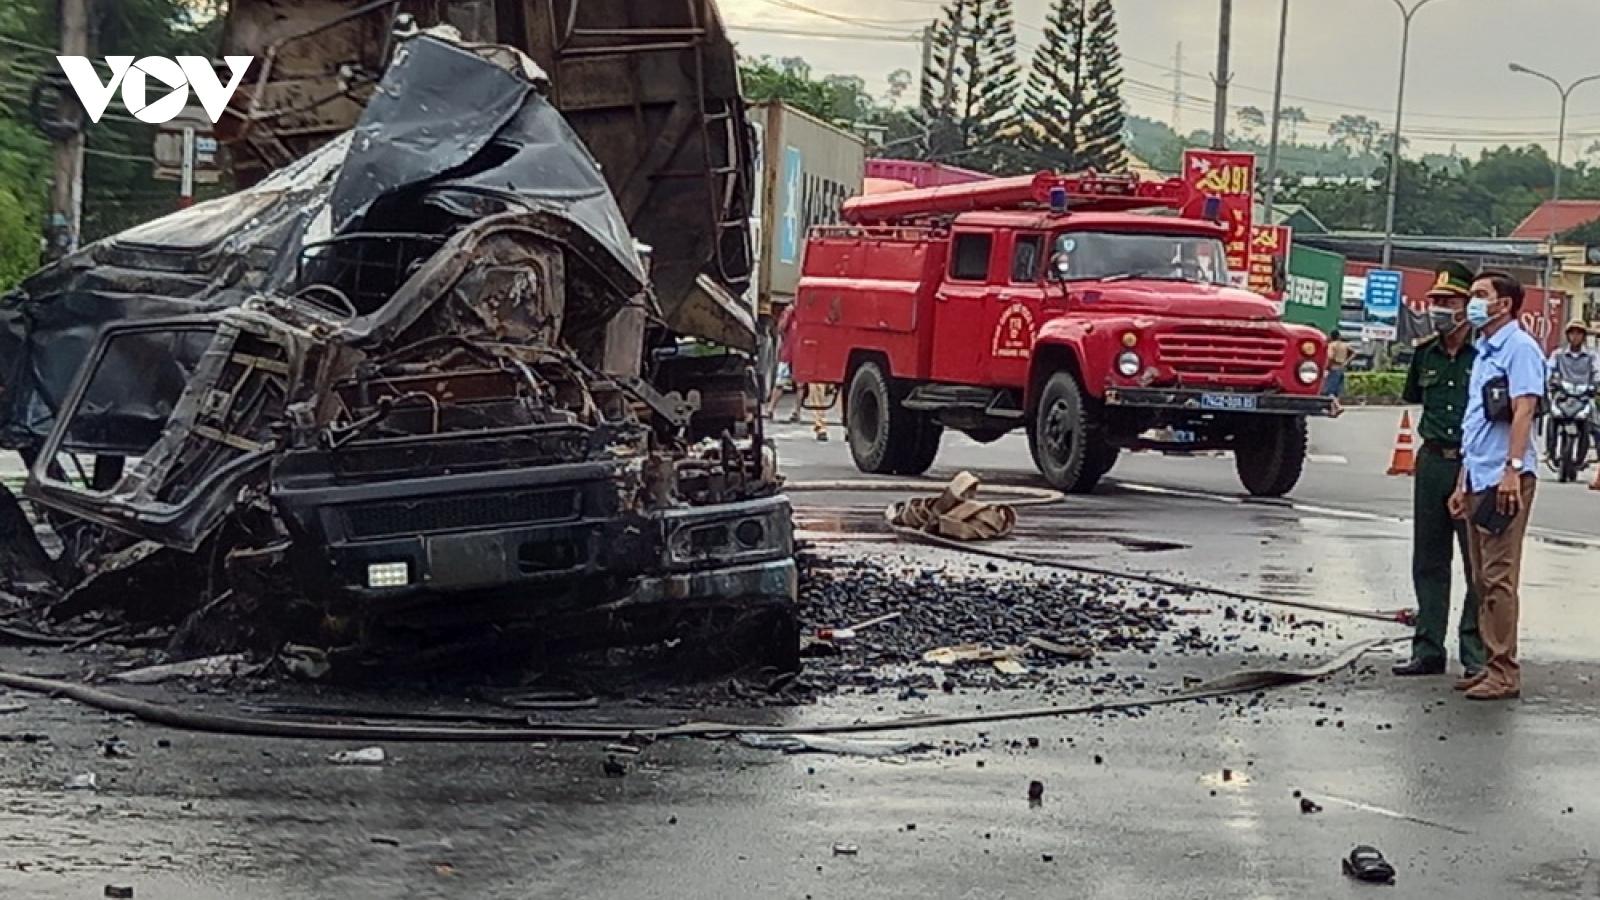 Tai nạn giữa xe đầu kéo và xe container, cả 2 xe bốc cháy